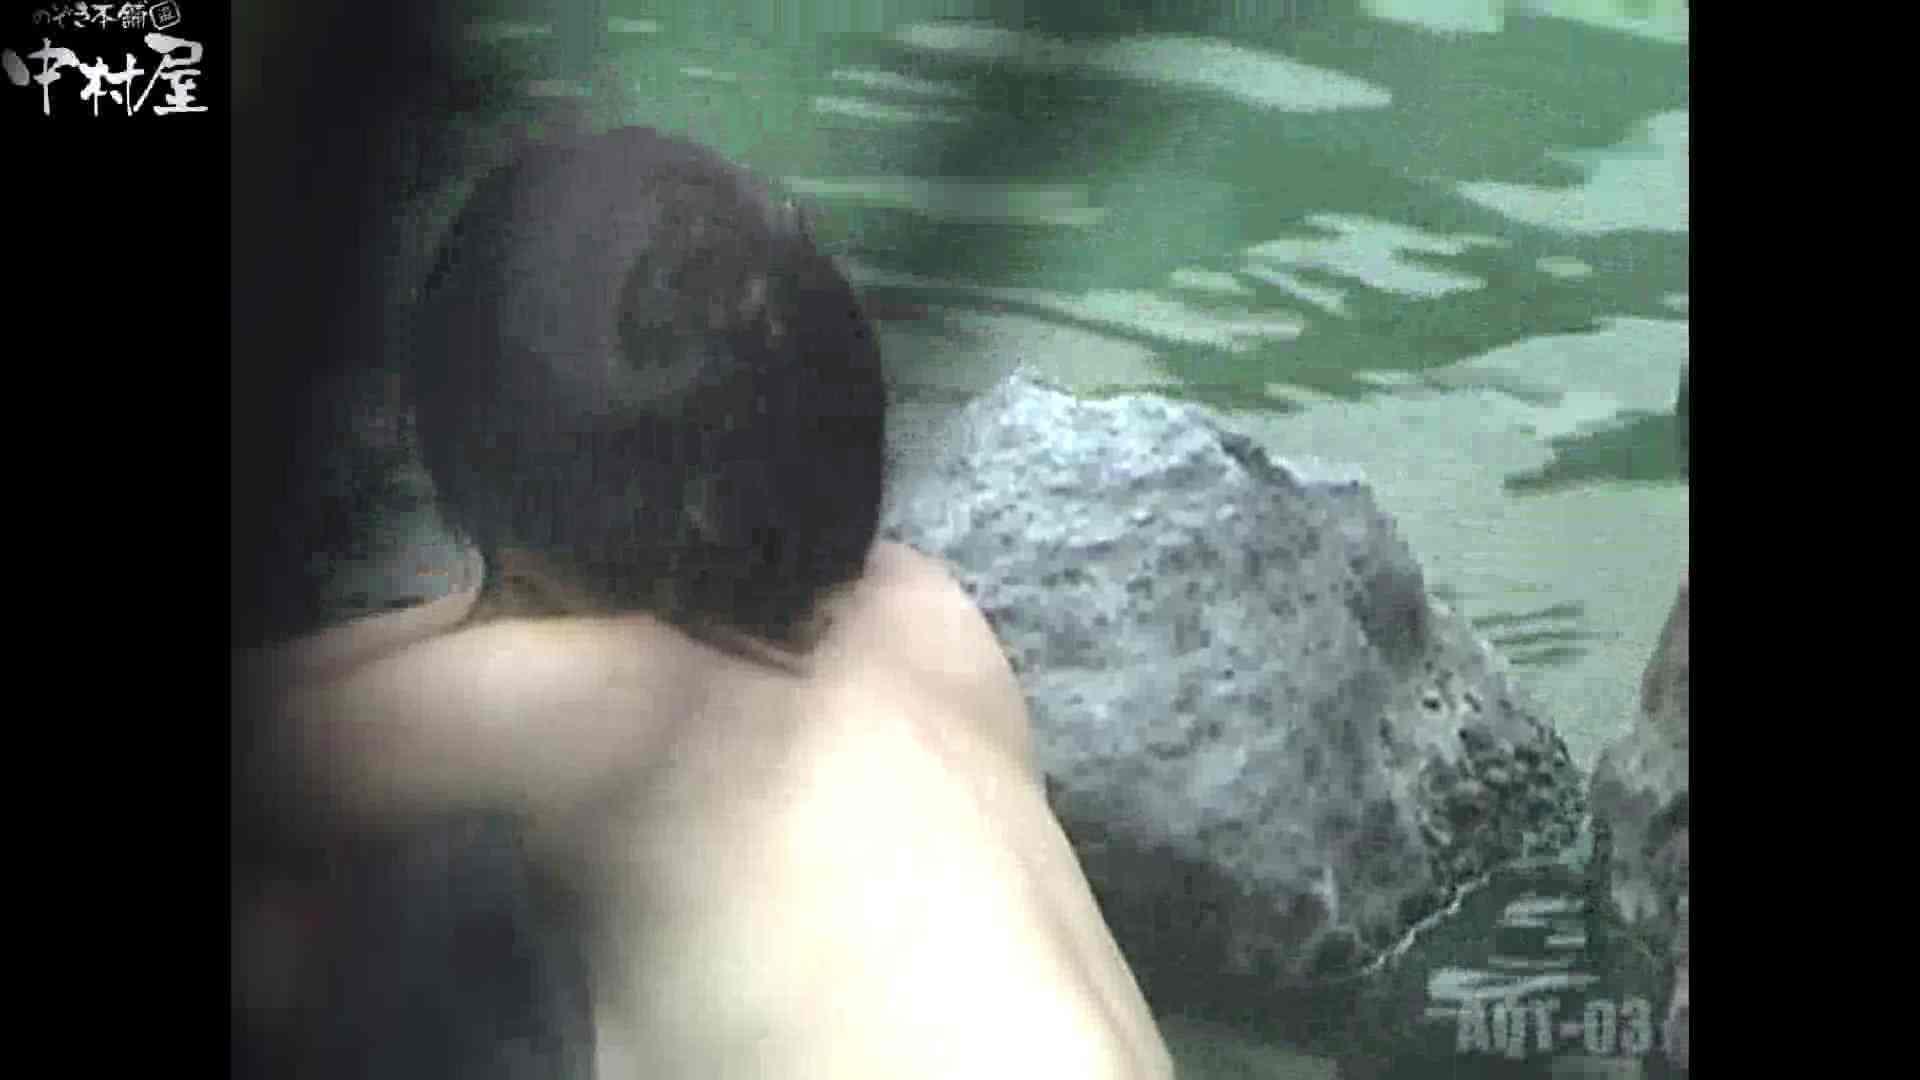 Aquaな露天風呂Vol.867潜入盗撮露天風呂参判湯 其の一 盗撮師作品 オマンコ動画キャプチャ 99pic 50